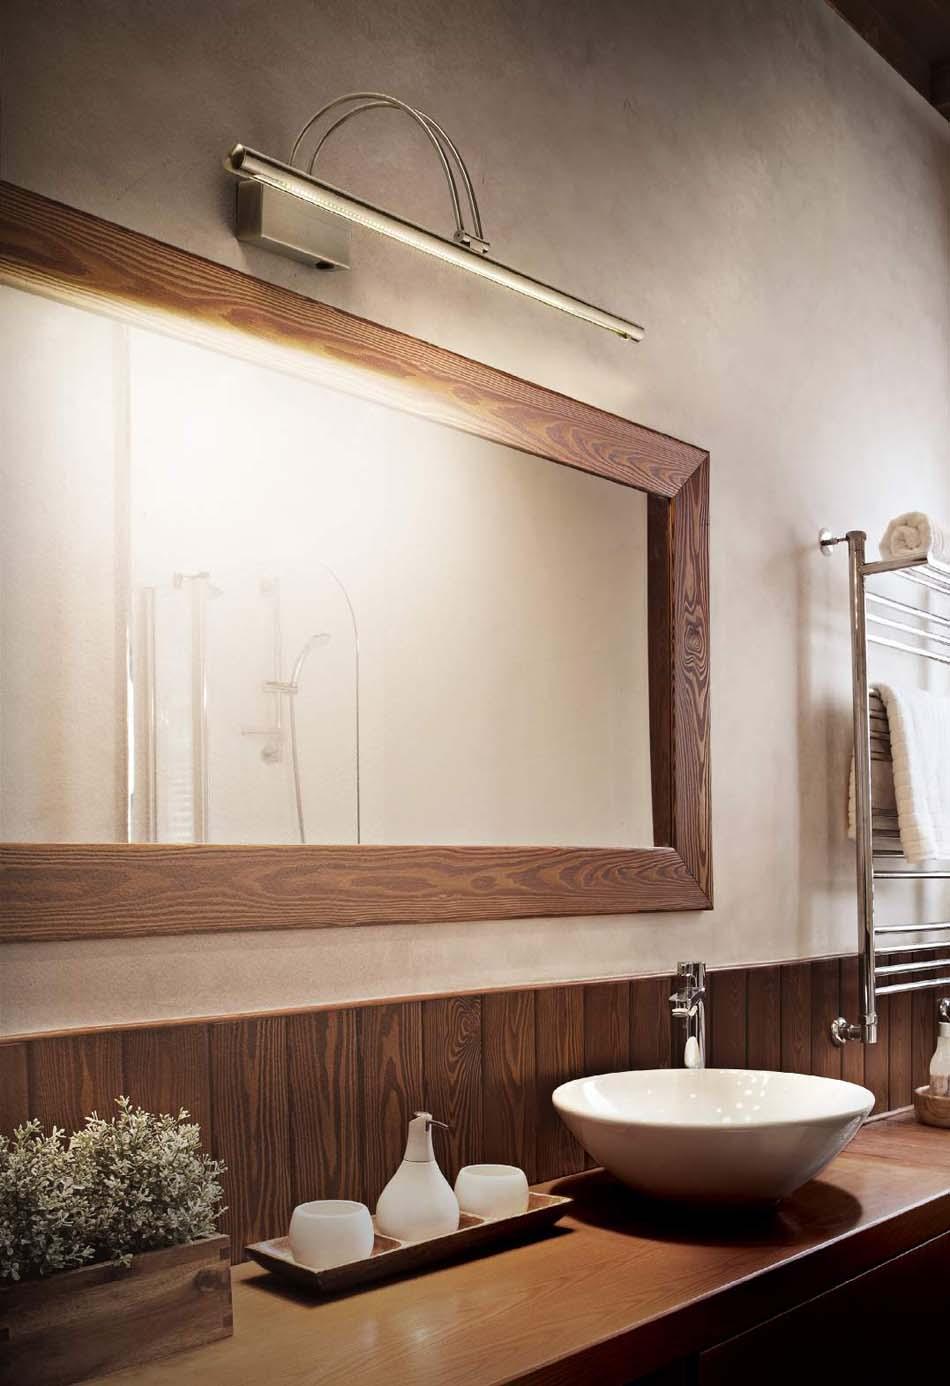 Lampade 17parete soffitto Ideal Lux Bow – Bruni Arredamenti